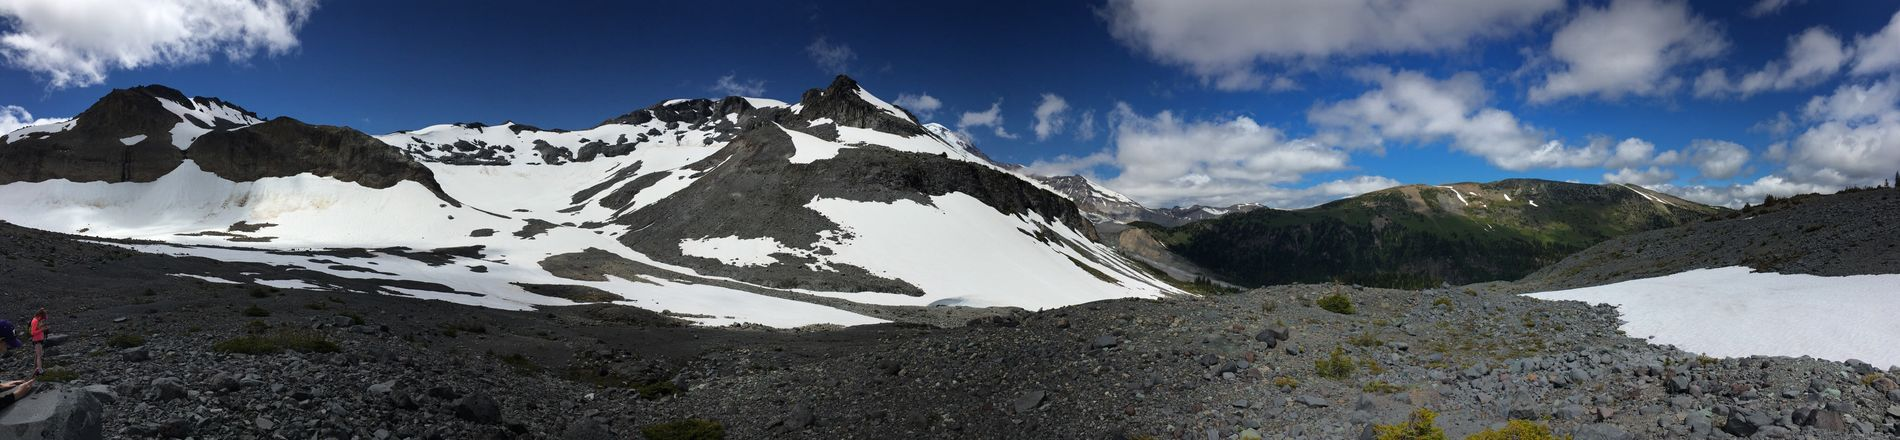 PNW At Its Finest PNW Pnwnaturescapes Mt. Rainier Volcano Paradise